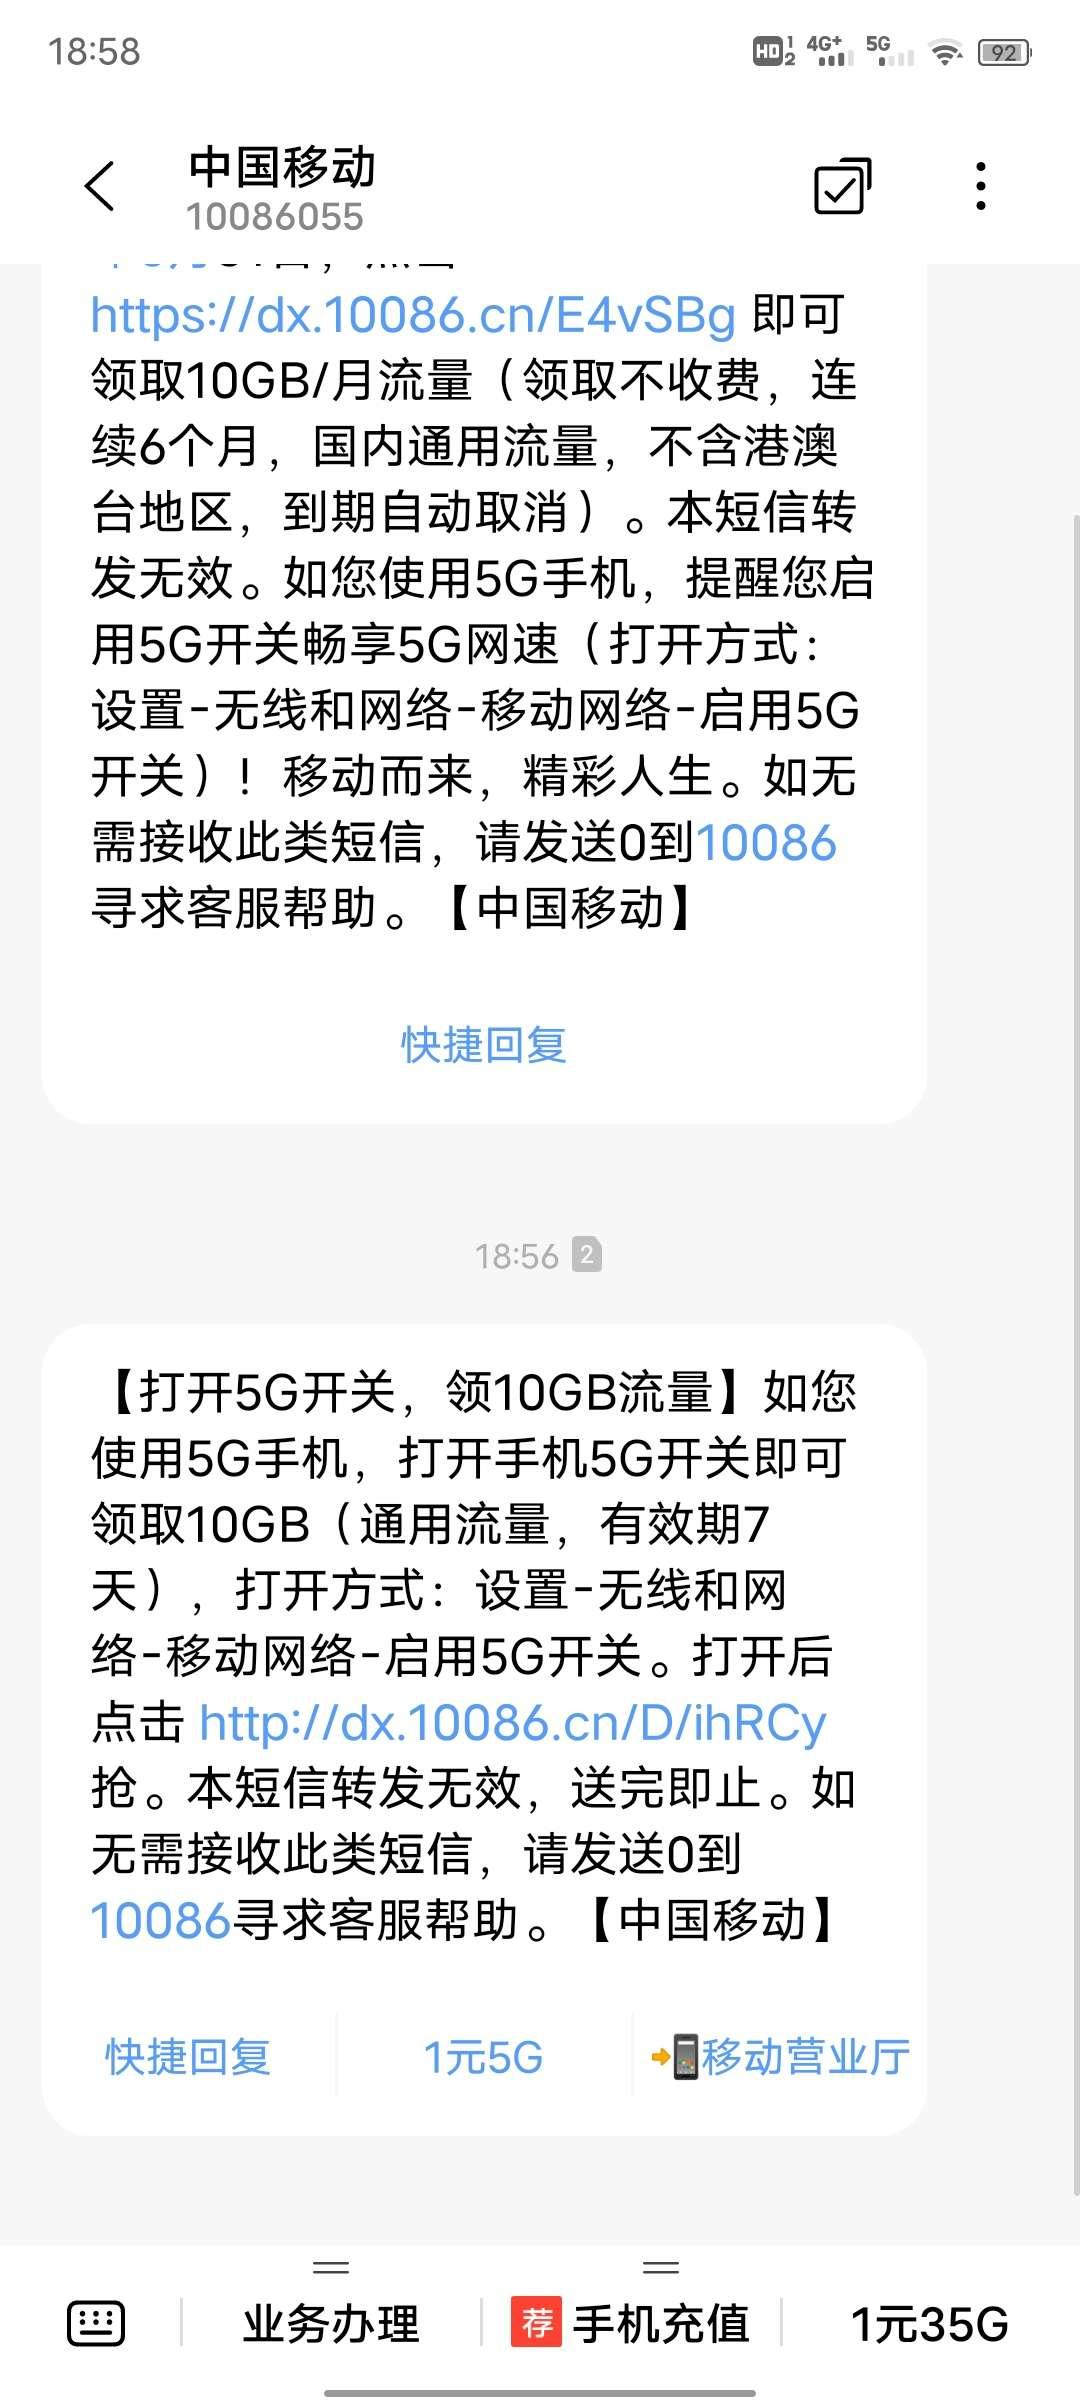 广东移动免领取10G流量活动